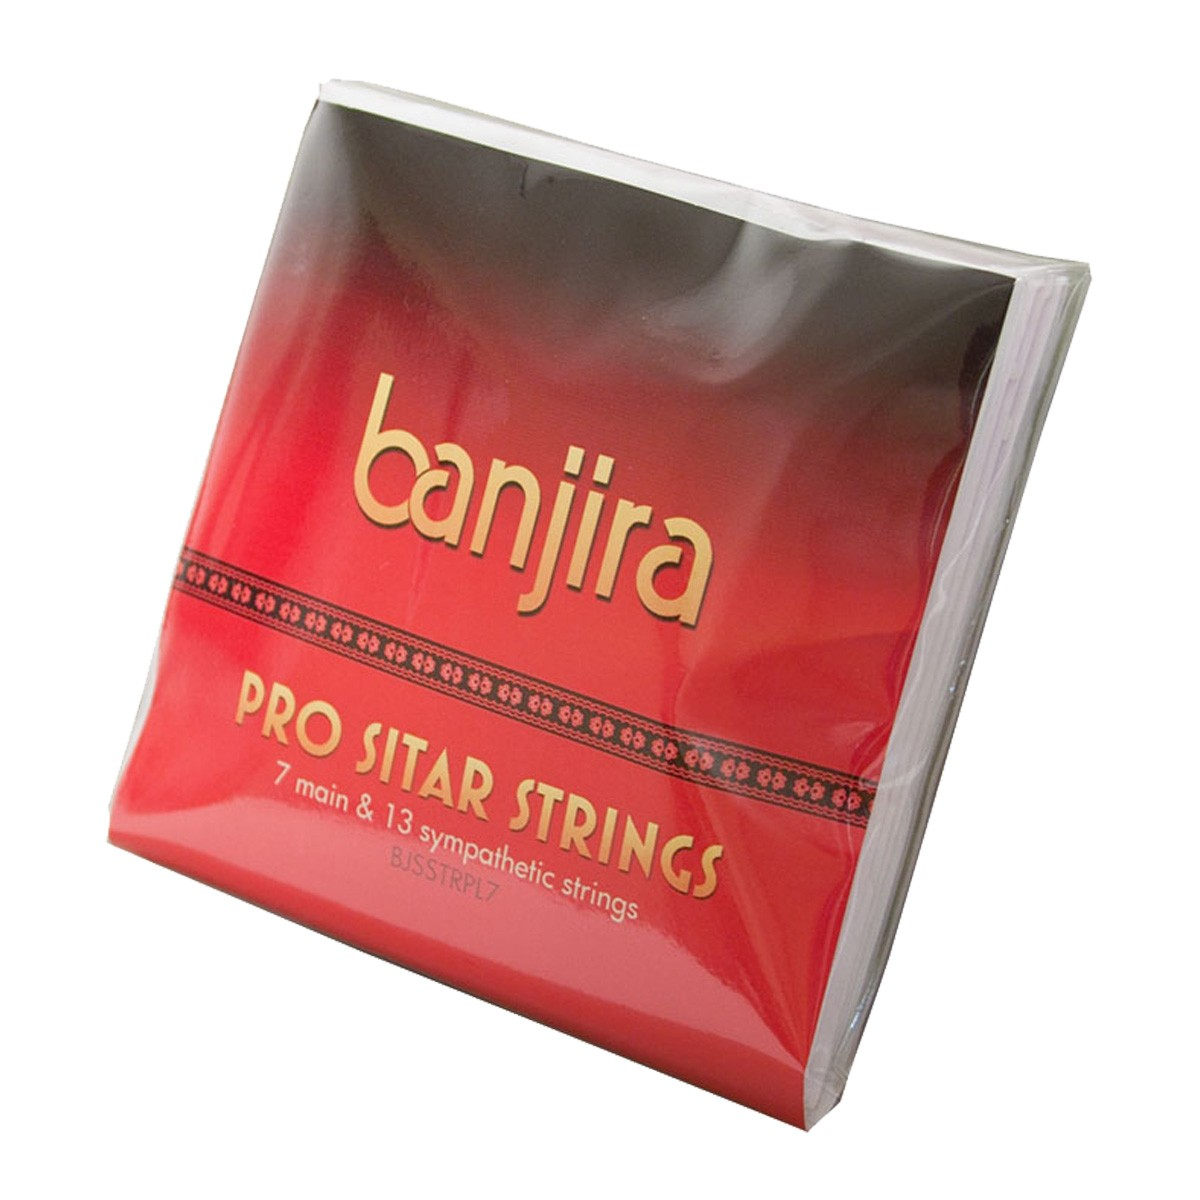 banjira Pro 7-String Sitar String Set - Light